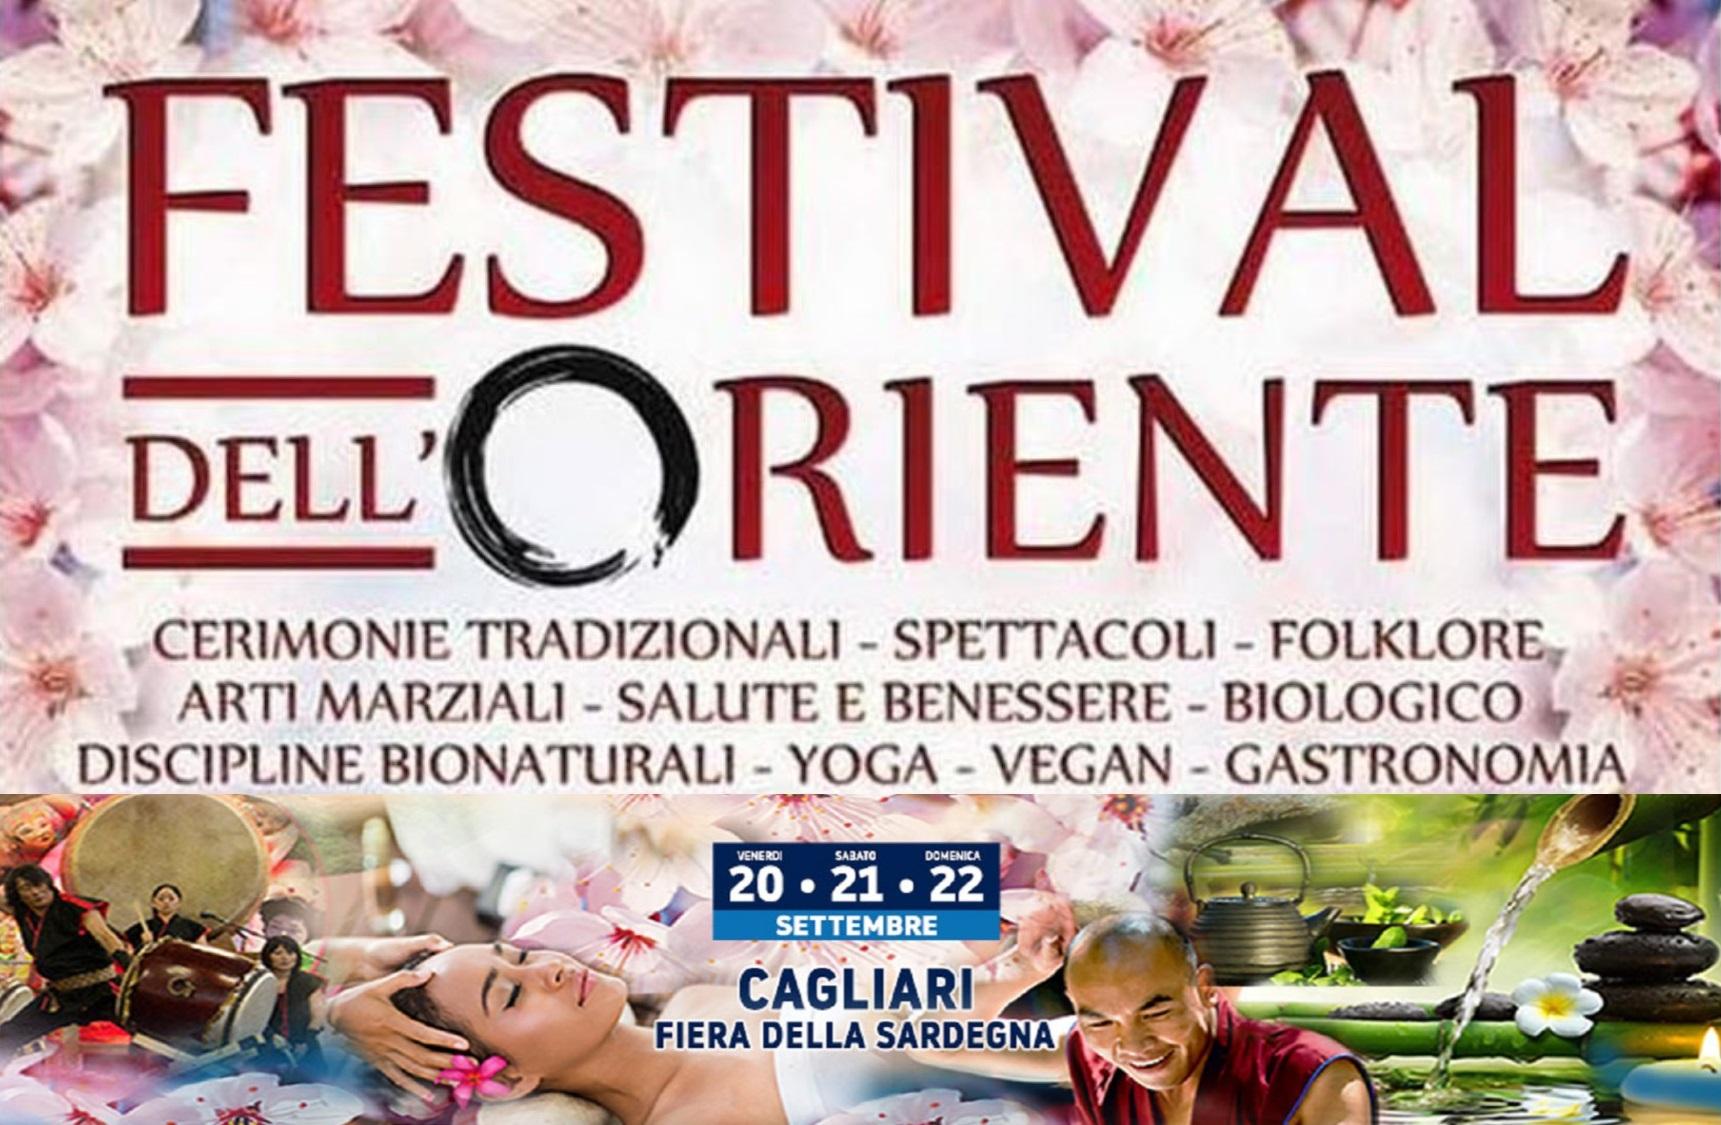 Il Festival dell'Oriente arriva a Cagliari: dal 20 al 22 settembre 2019 alla Fiera della Sardegna